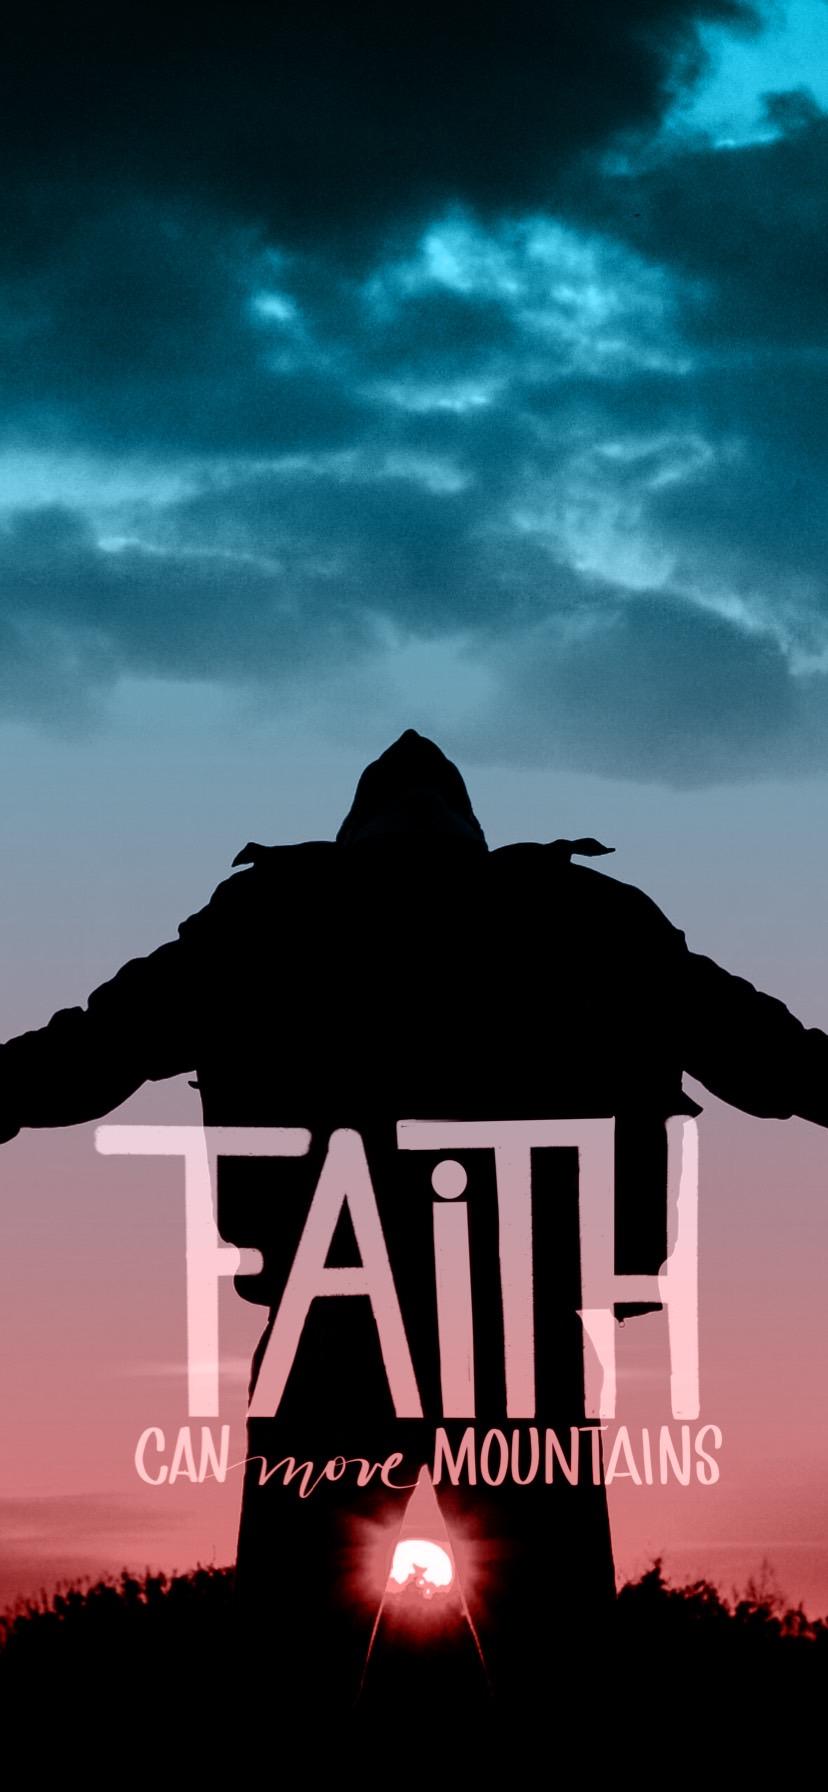 Wallpaper- Faith Can Move Mountains